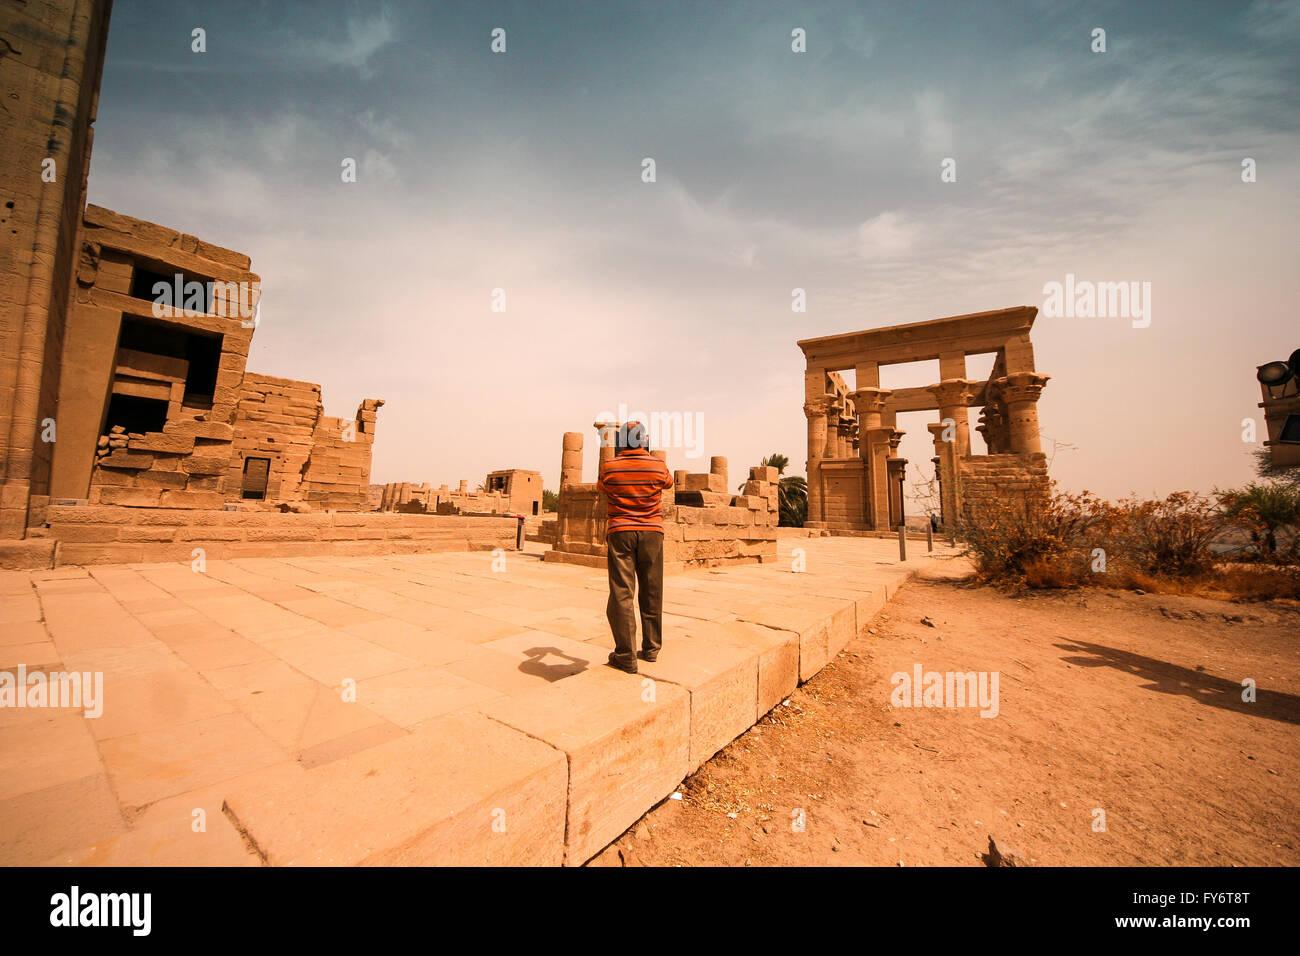 Temple de Philae, site du patrimoine mondial de l'UNESCO, l'île agilkia, vallée du Nil, de la Photo Stock